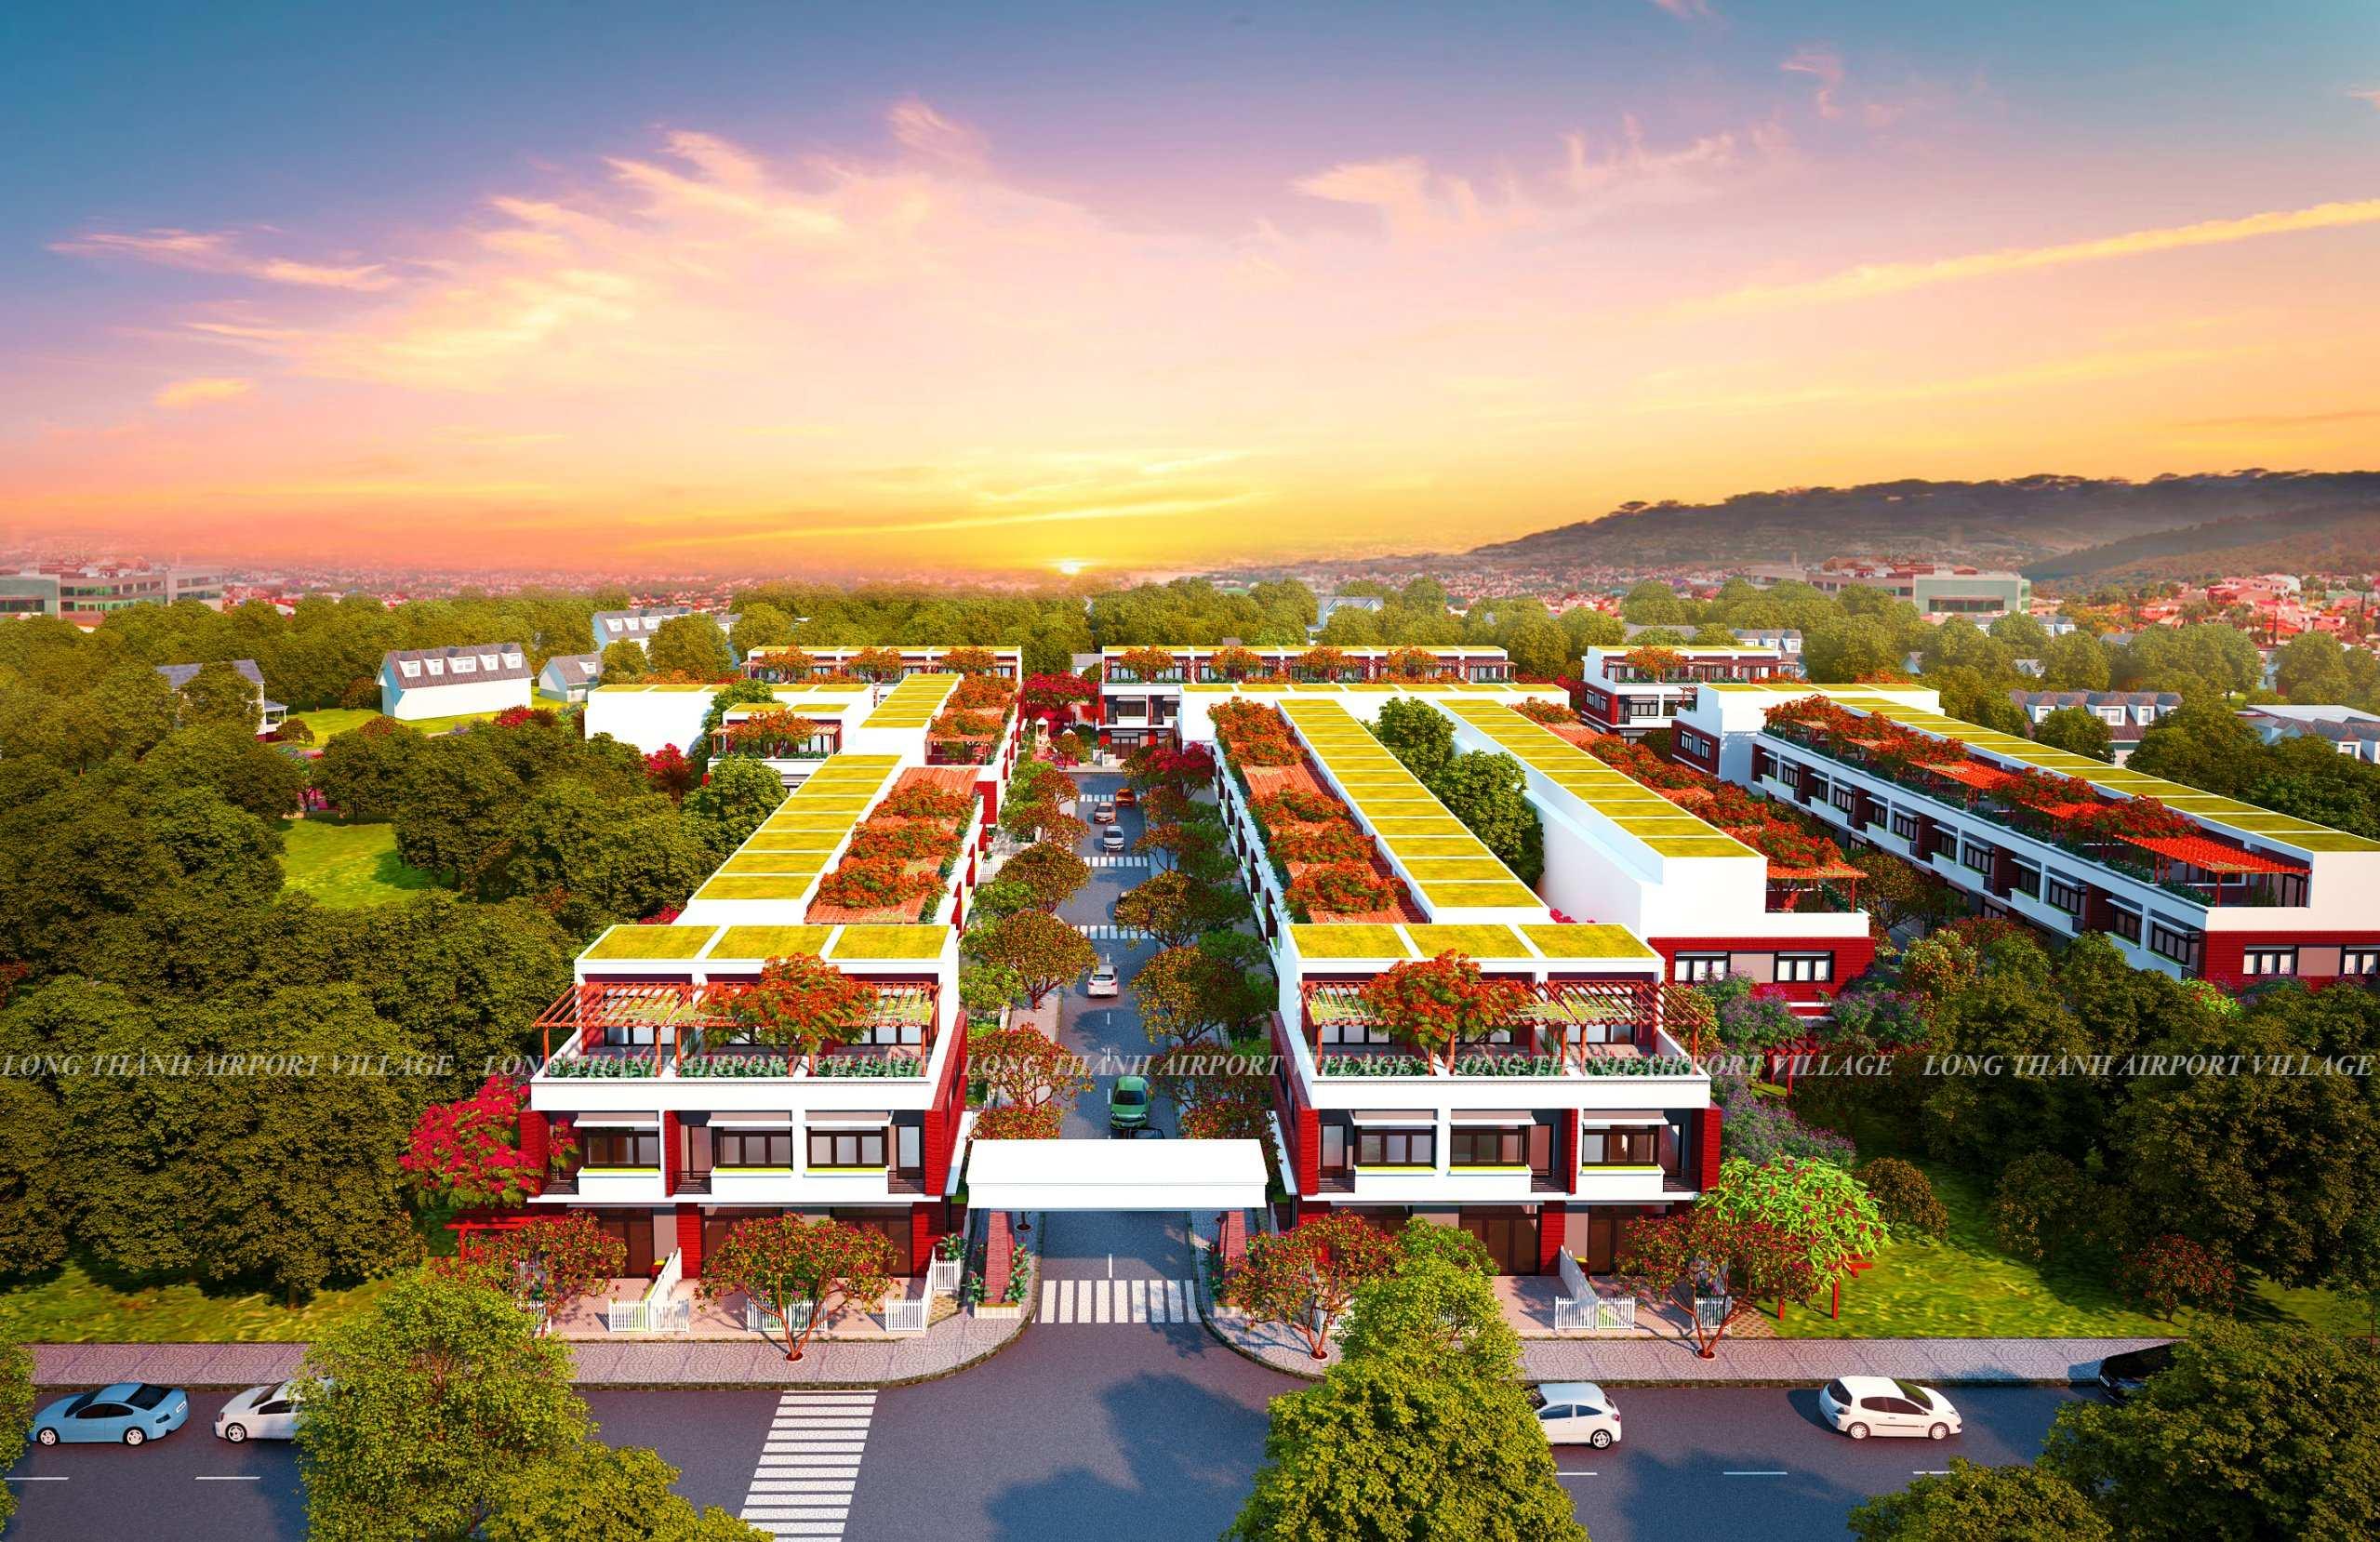 đất nền dự án long thành airport village